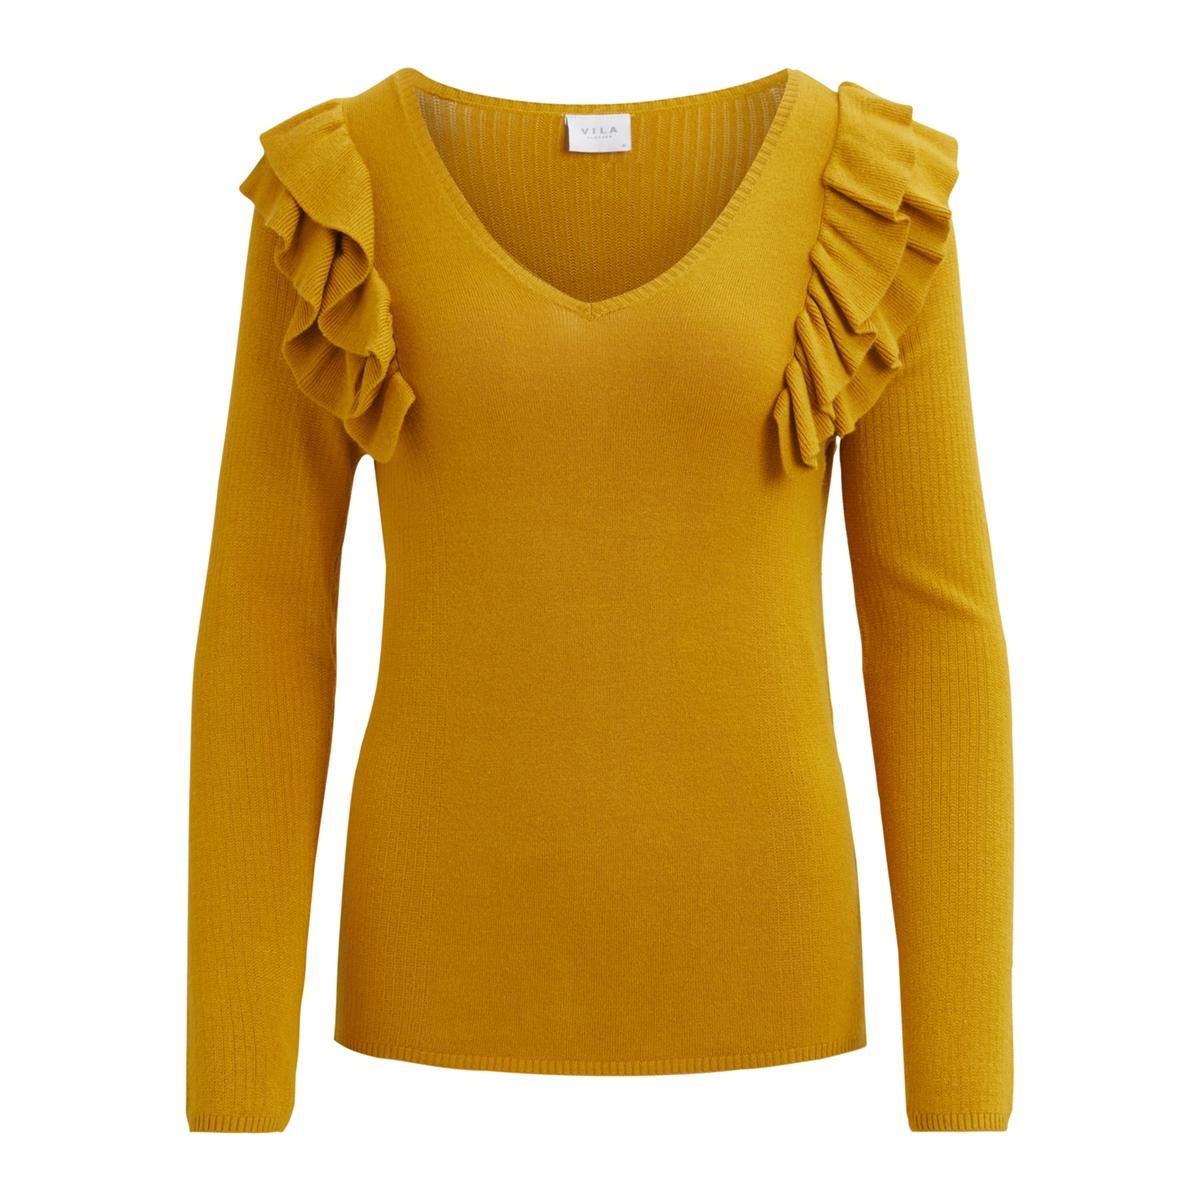 Пуловер с V-образным вырезом из тонкого трикотажаДетали •  Длинные рукава •   V-образный вырез •  Тонкий трикотаж Состав и уход •  80% вискозы, 20% полиамида •  Следуйте советам по уходу, указанным на этикетке<br><br>Цвет: желтый шафран<br>Размер: M